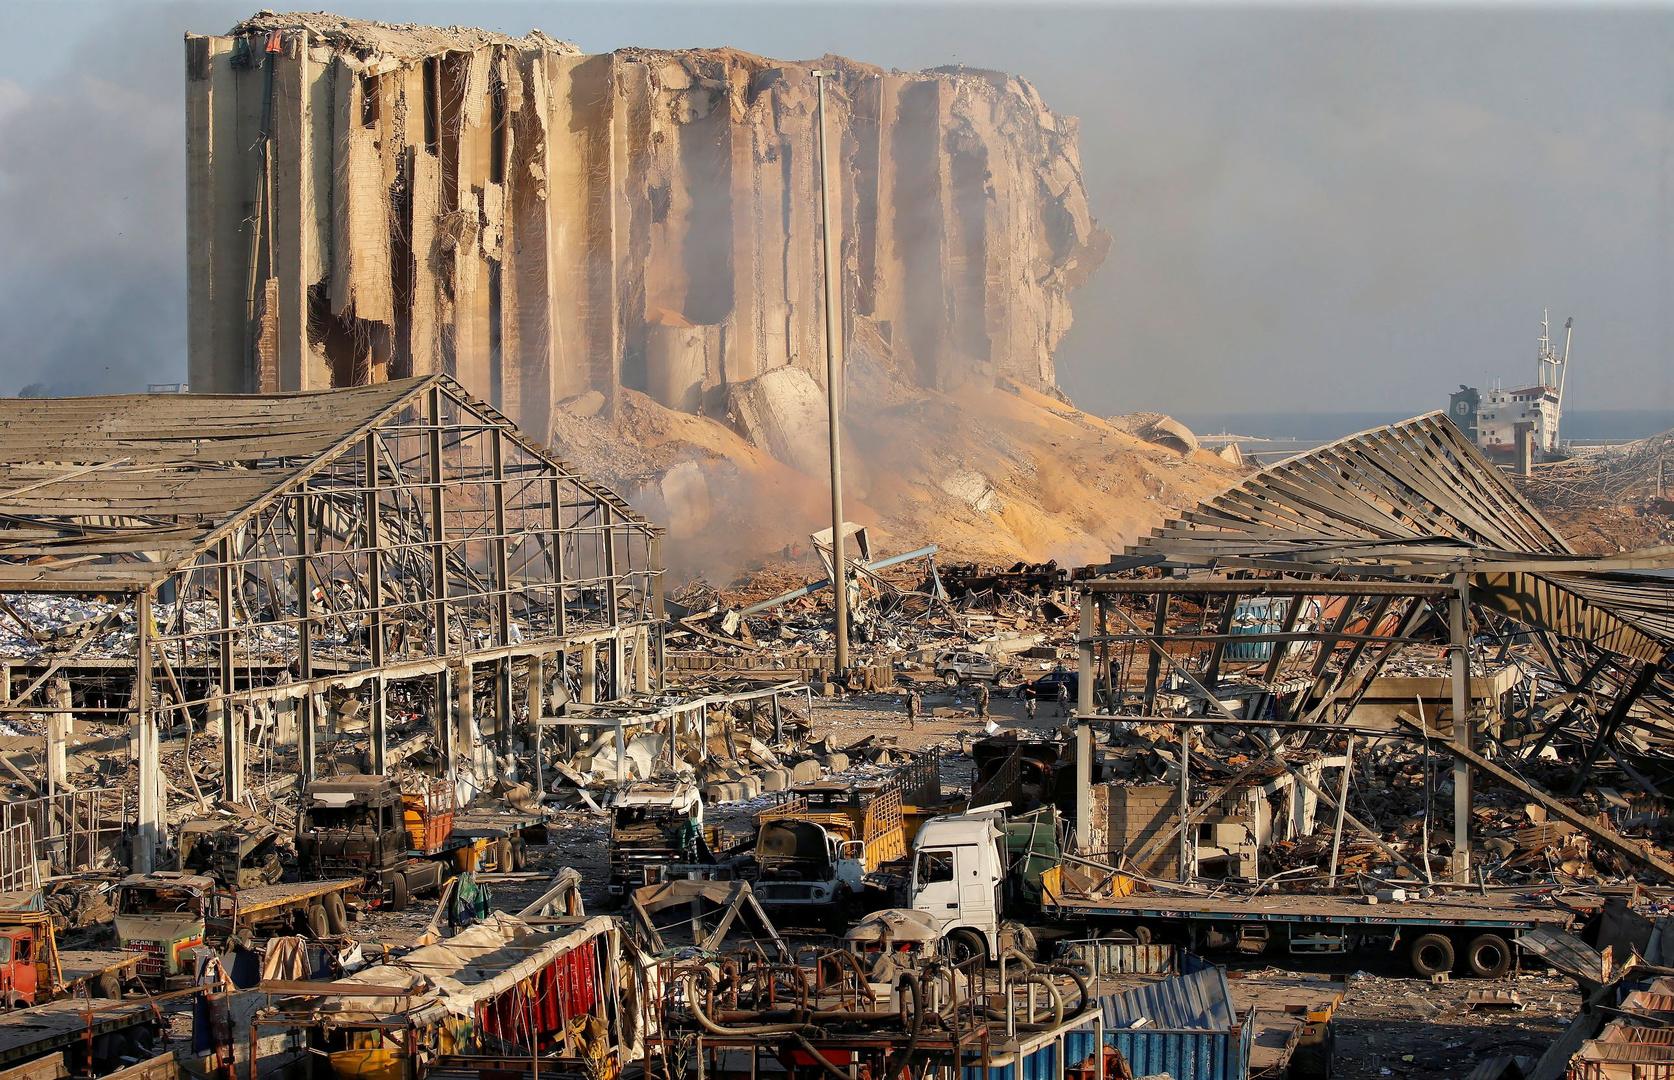 مسؤول أمريكي: لم نستبعد بالمطلق أن يكون انفجار بيروت نتيجة هجوم